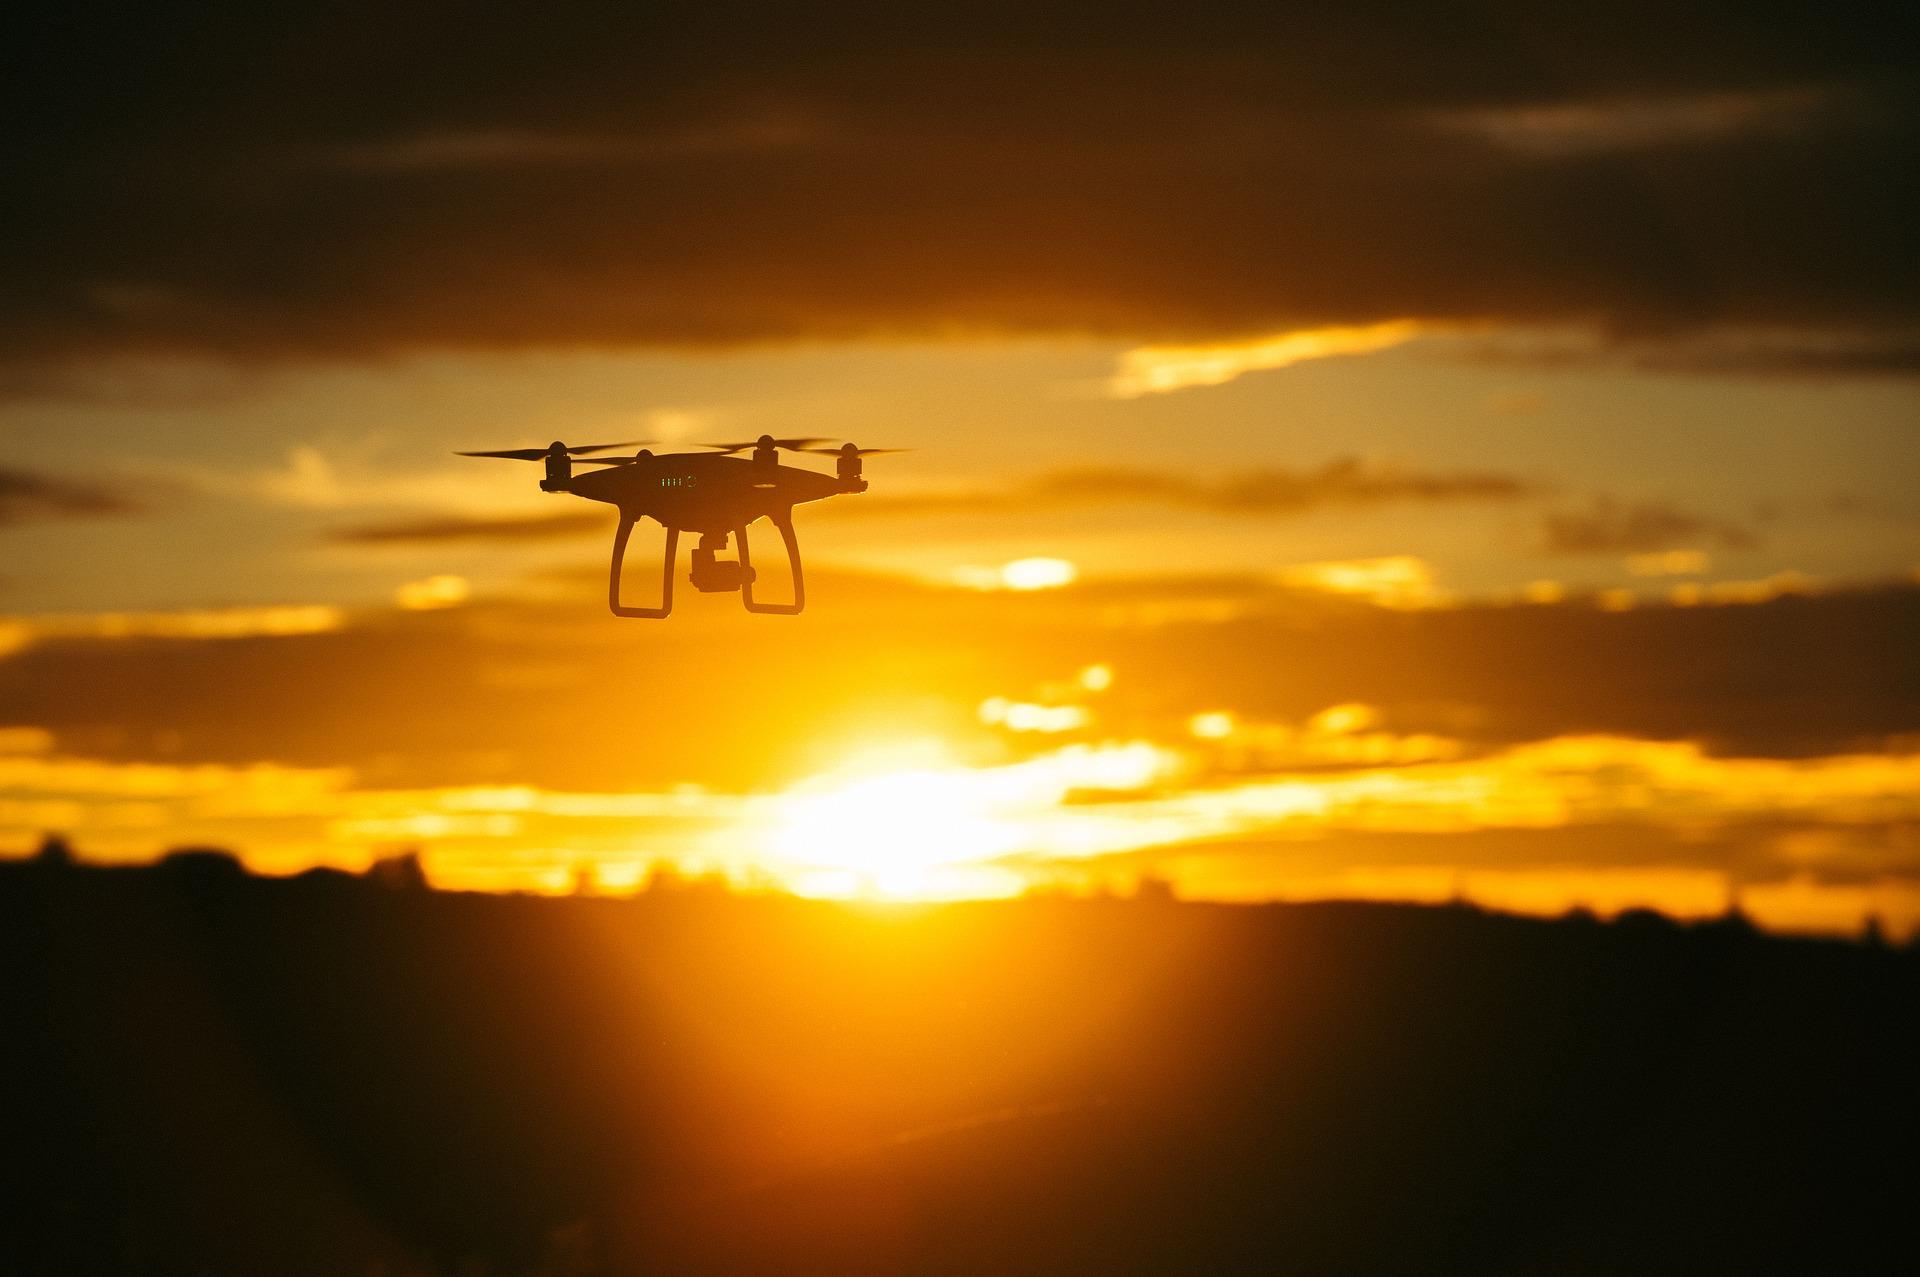 01_30_dronok.jpg